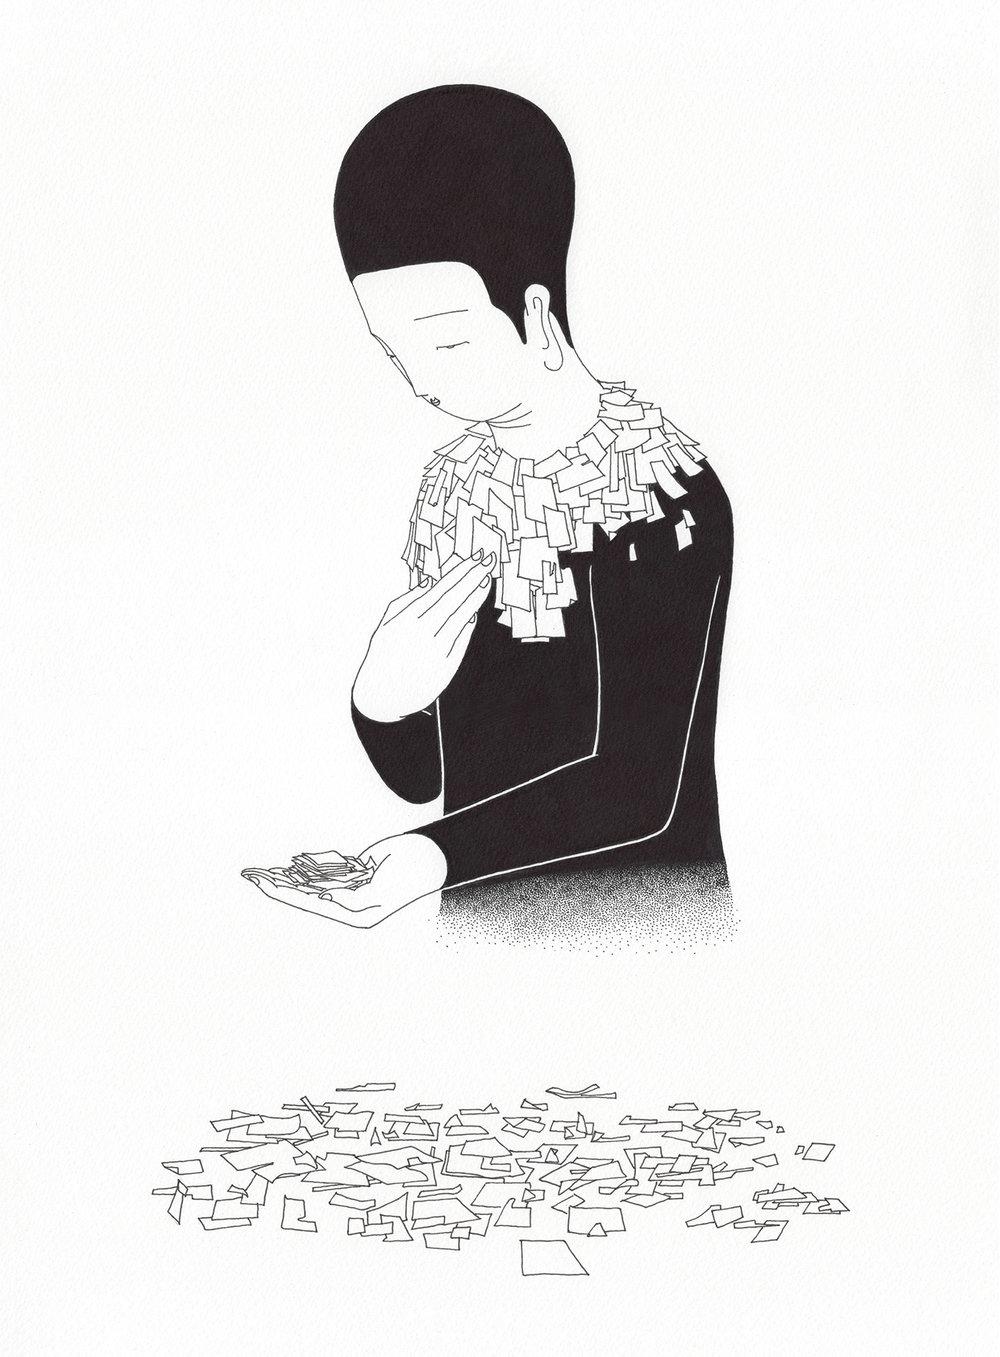 나를 기억해 / Recollection of me Op.0158C -27.5 x 37.5 cm,종이에 펜, 마커 / Pigment liner and marker on paper, 2017 Commissioned by Mosaic Science